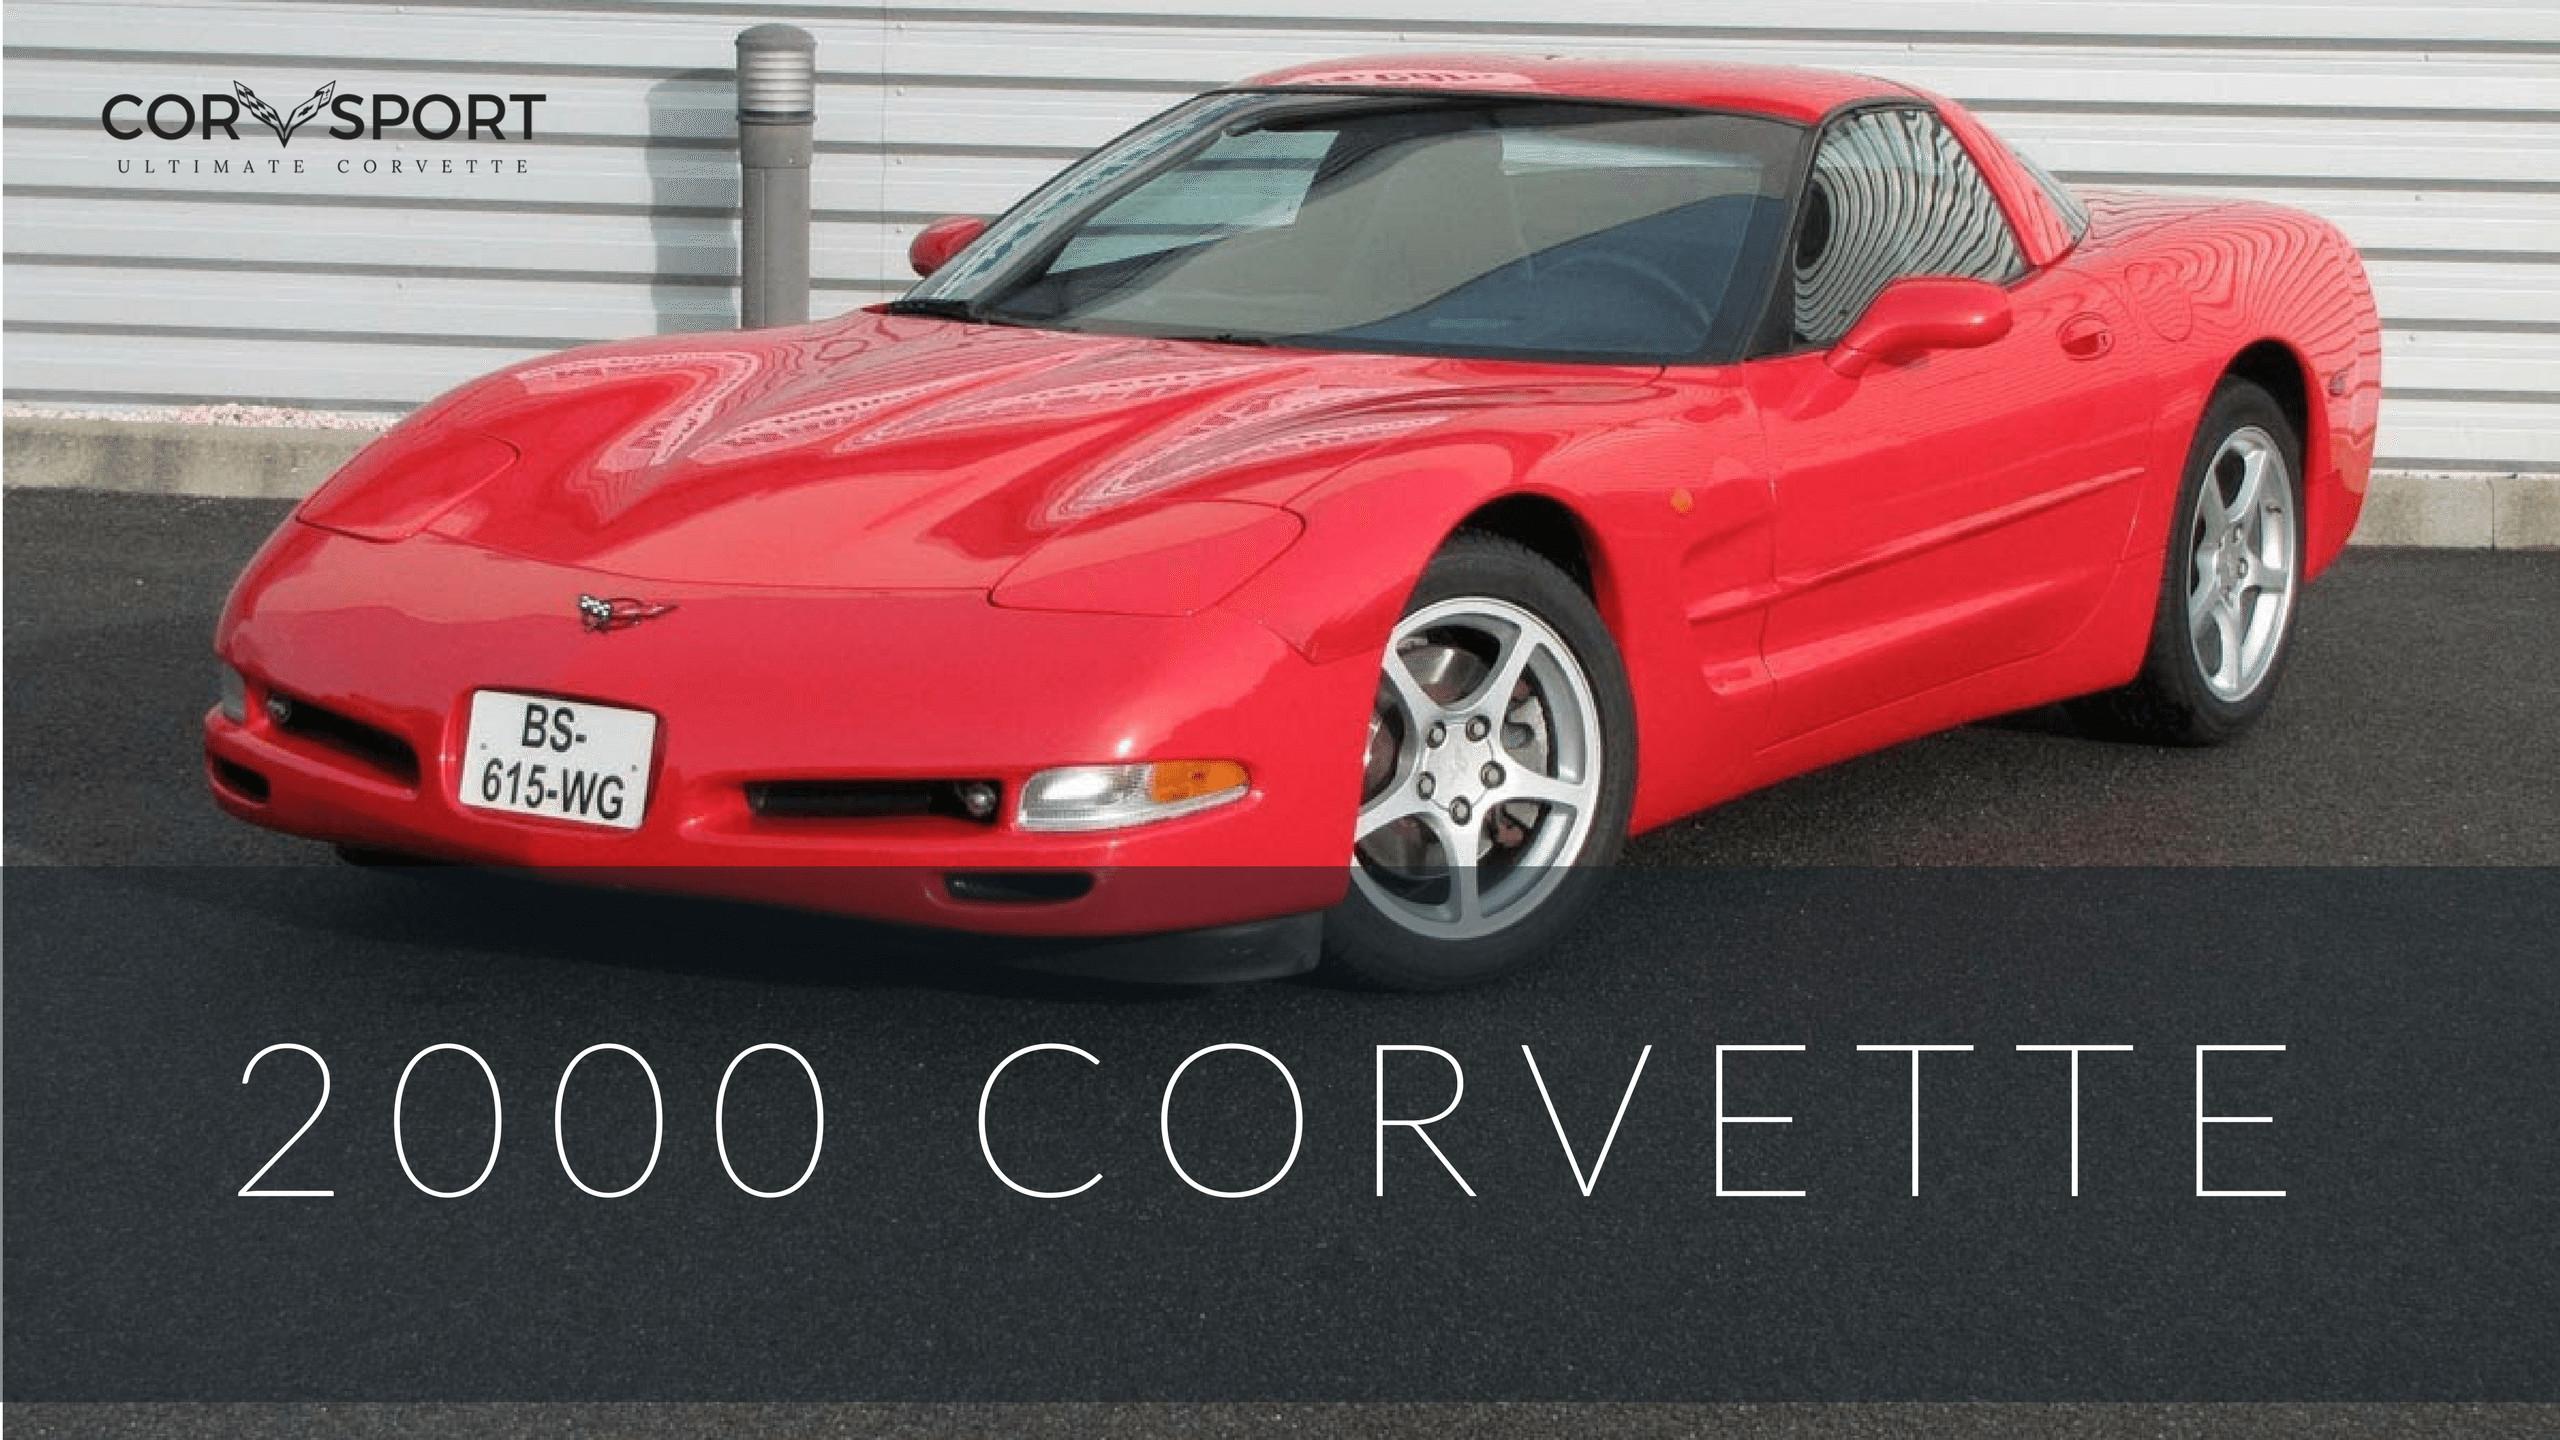 c5 corvette wallpaper 58 images. Black Bedroom Furniture Sets. Home Design Ideas